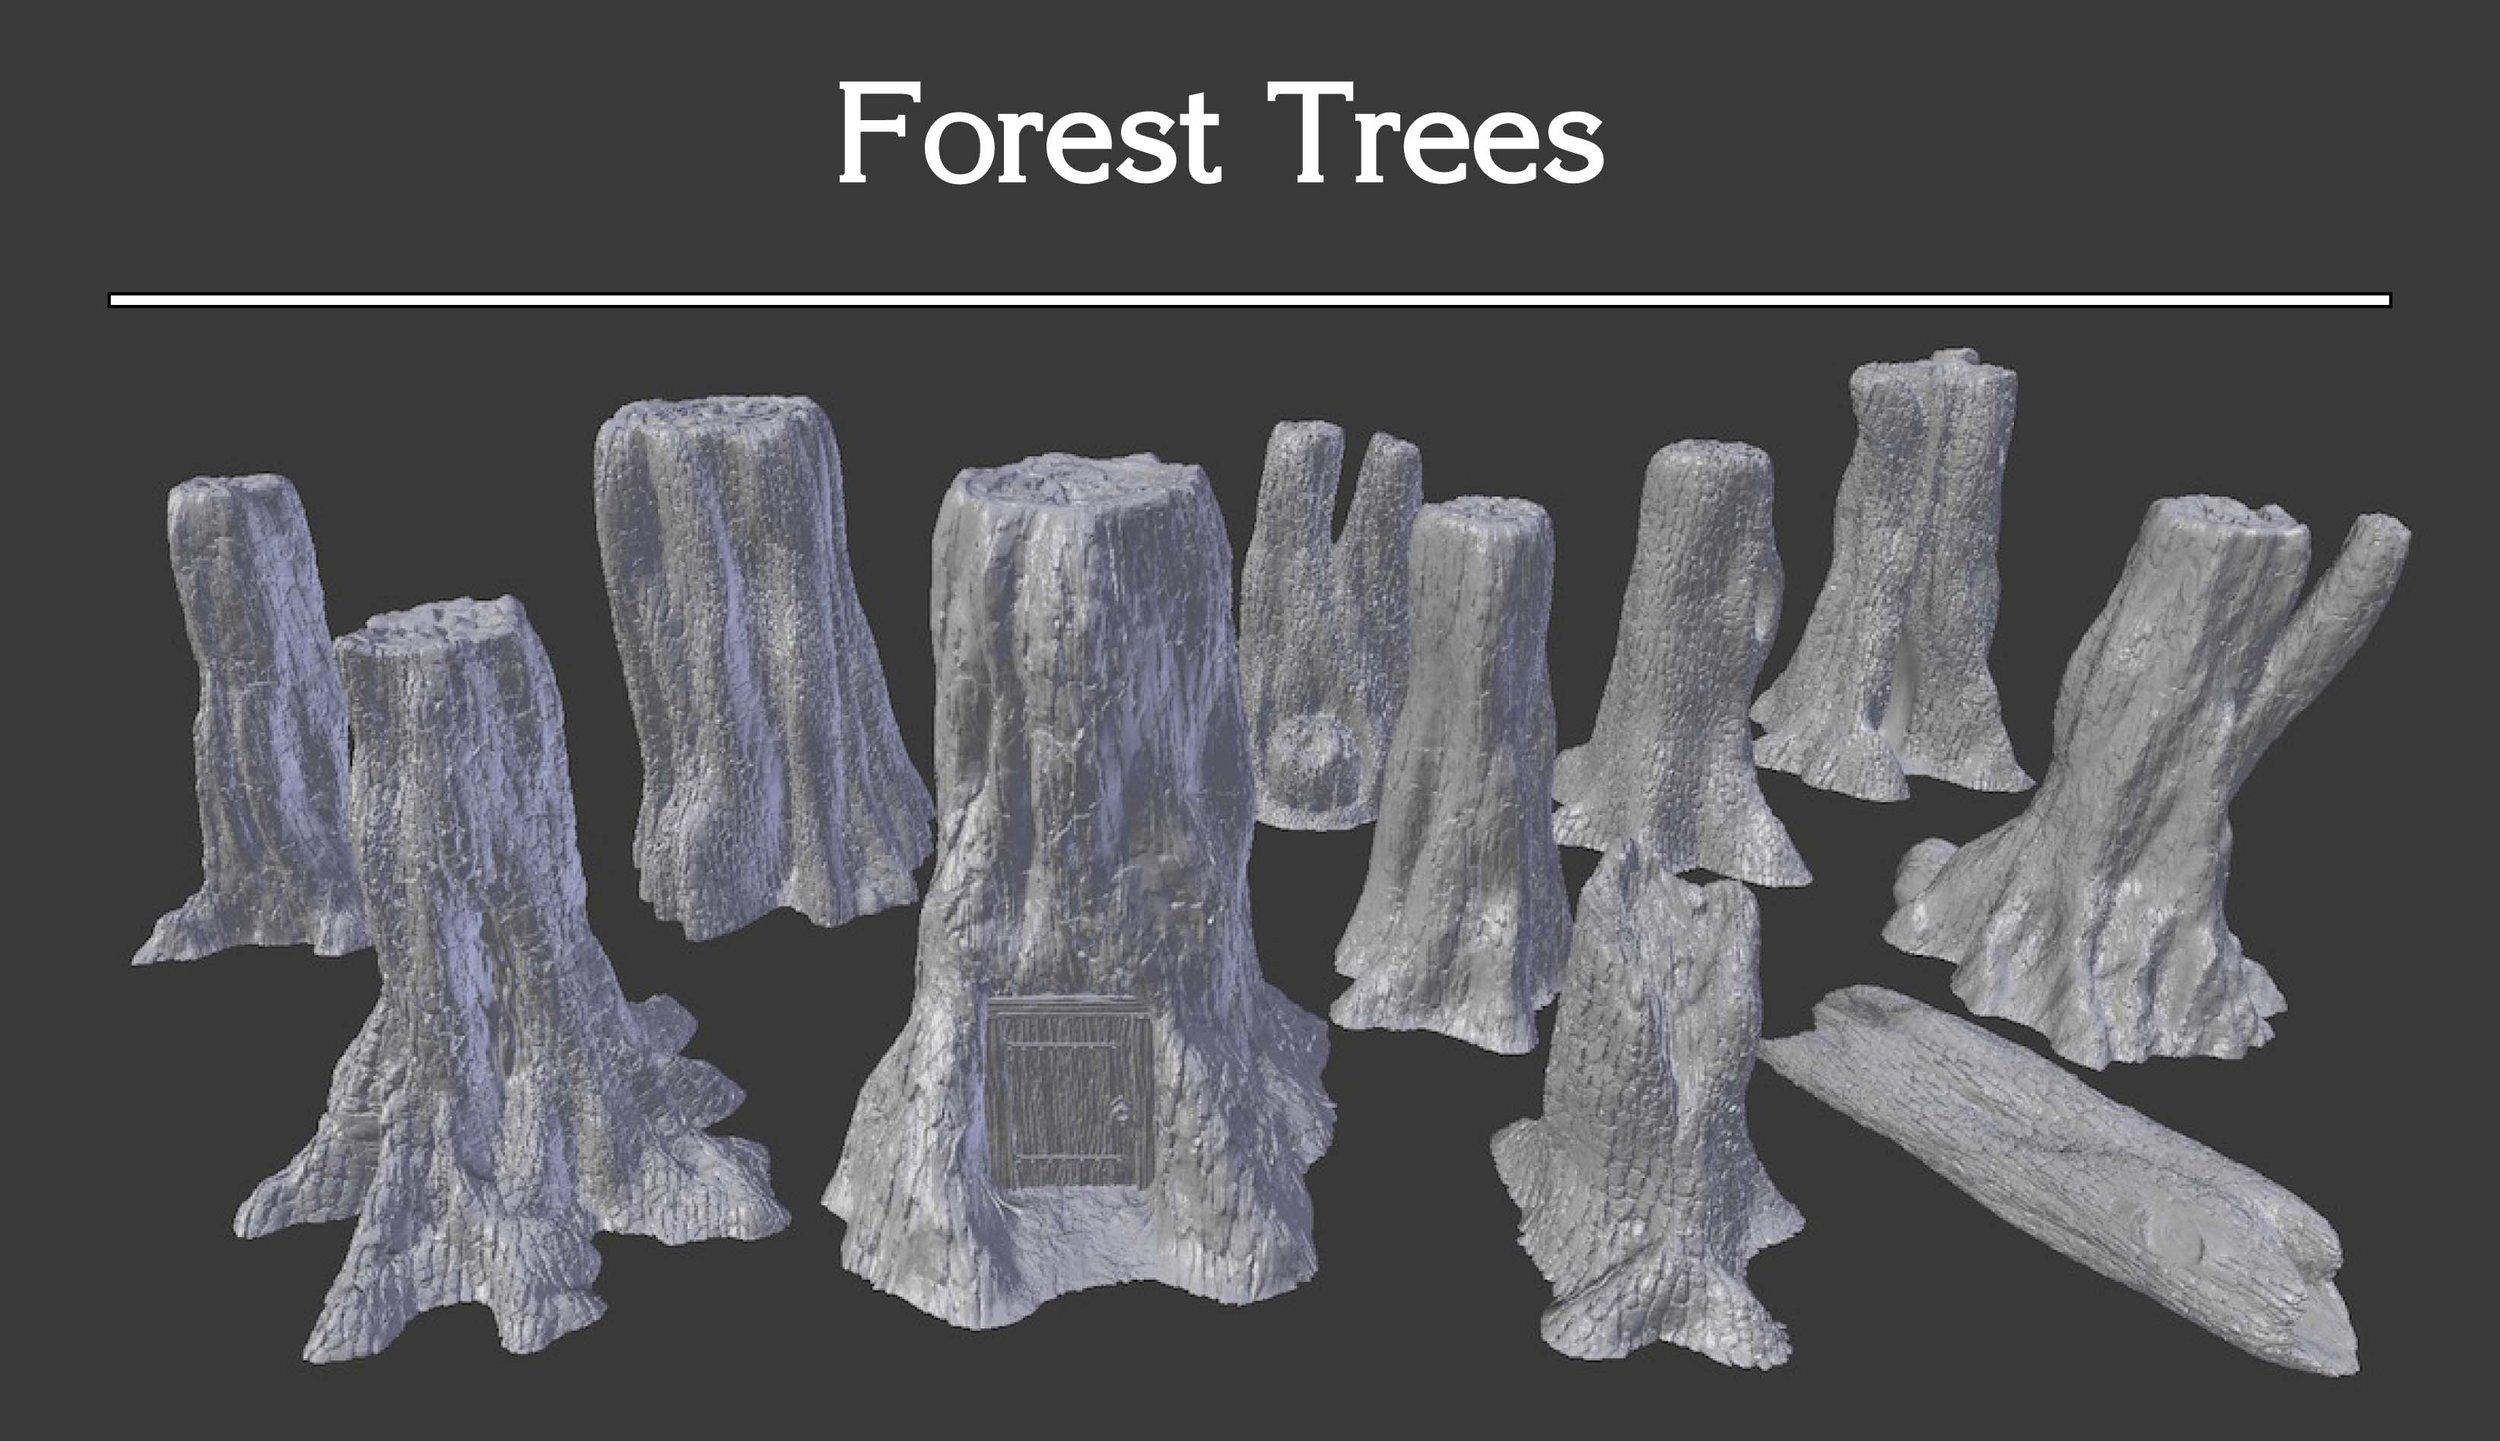 Forest Trees header.jpg